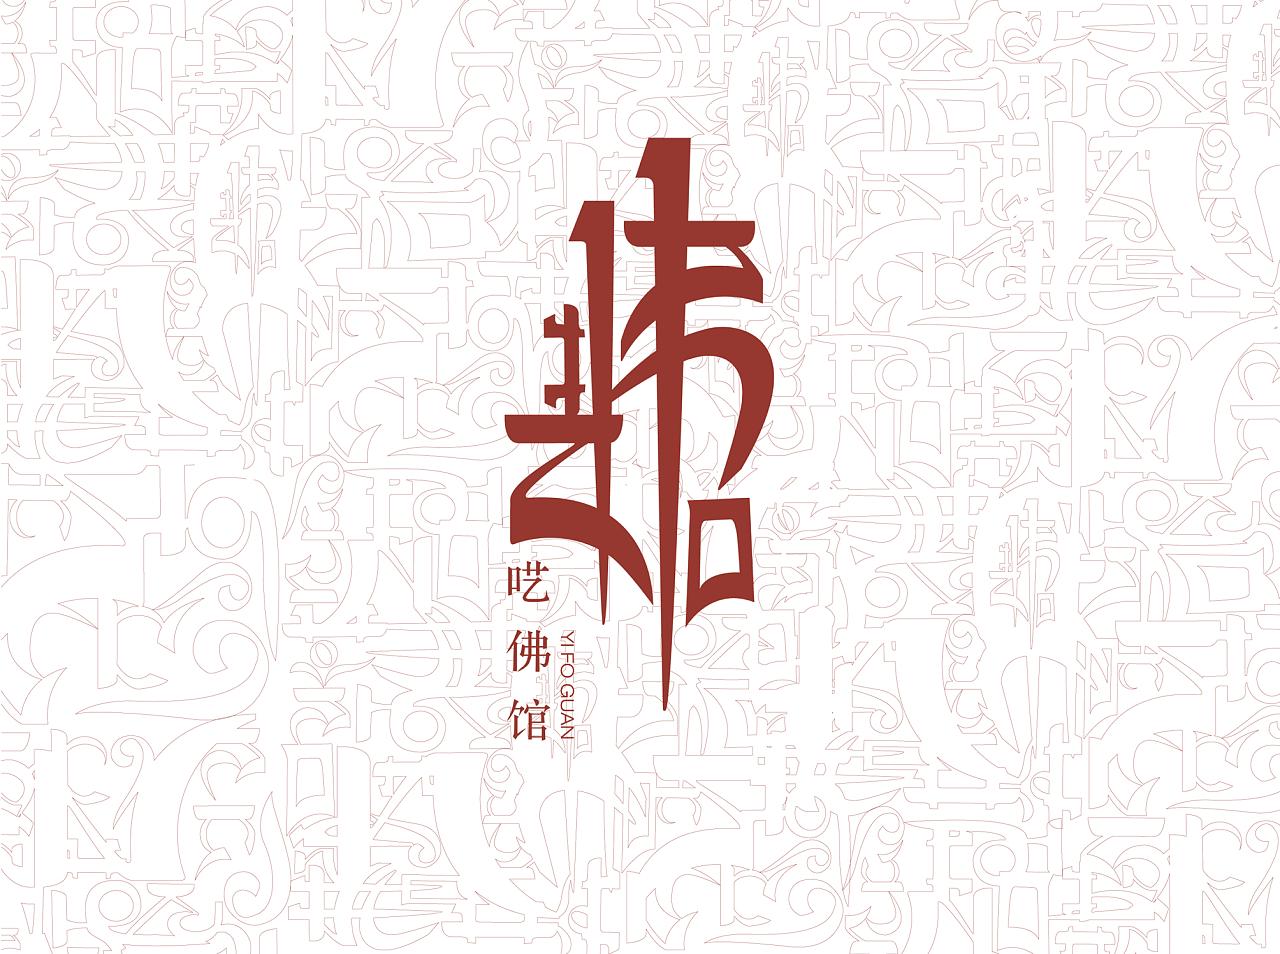 呓佛馆品牌形象设计图片